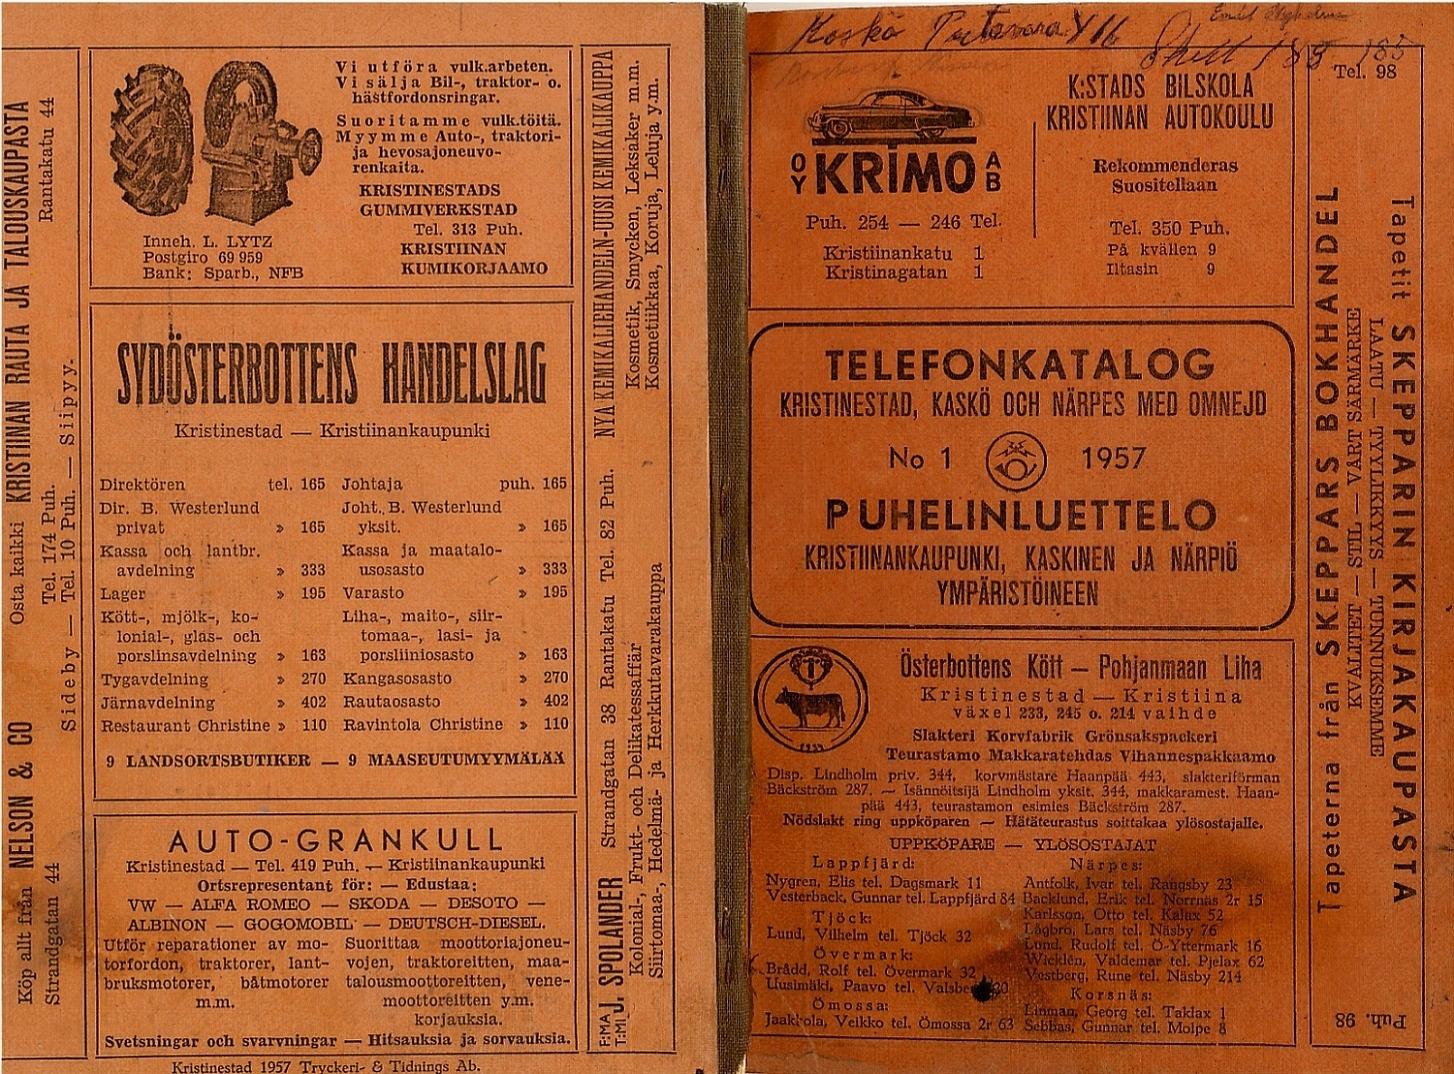 År 1957 var antalet telefoner nästan upp i 100 st, här modell hur telefonkatalogen såg ut då.